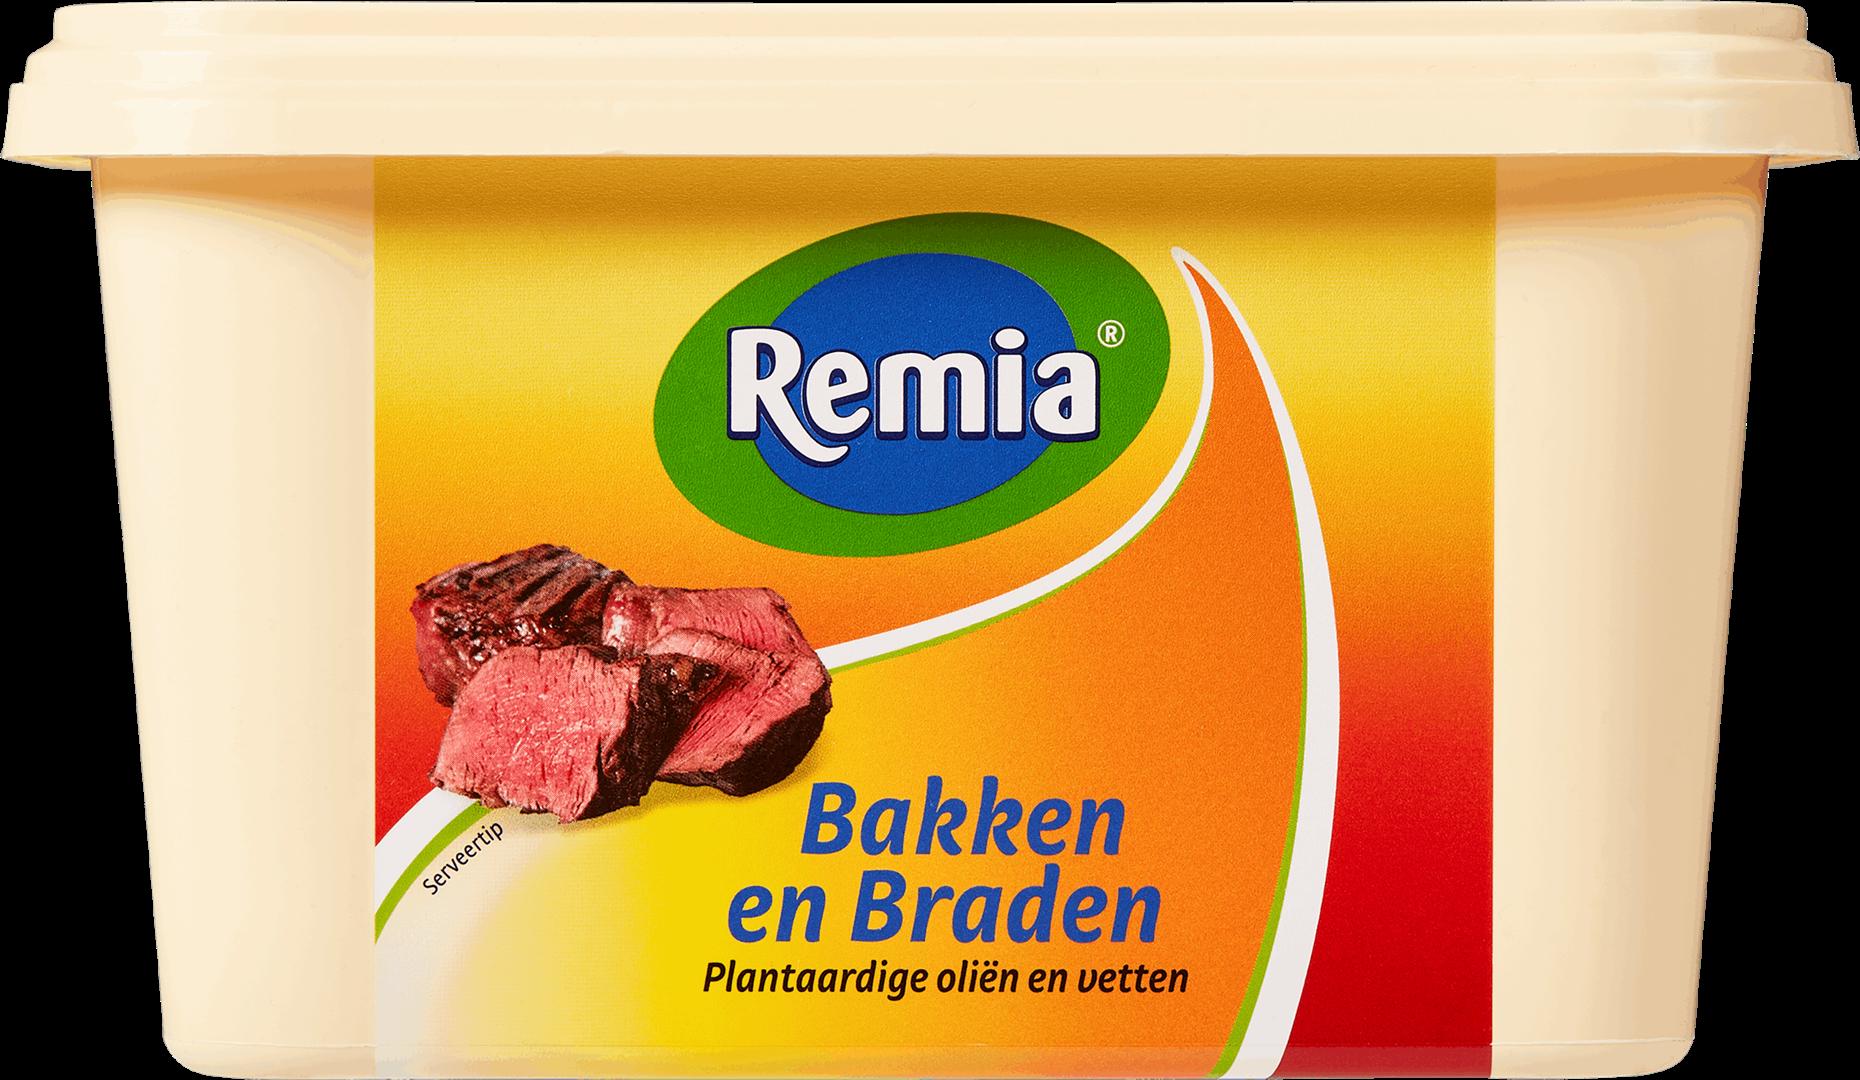 Productafbeelding Remia Bakken en Braden Plantaardig | Kuip 2 KG